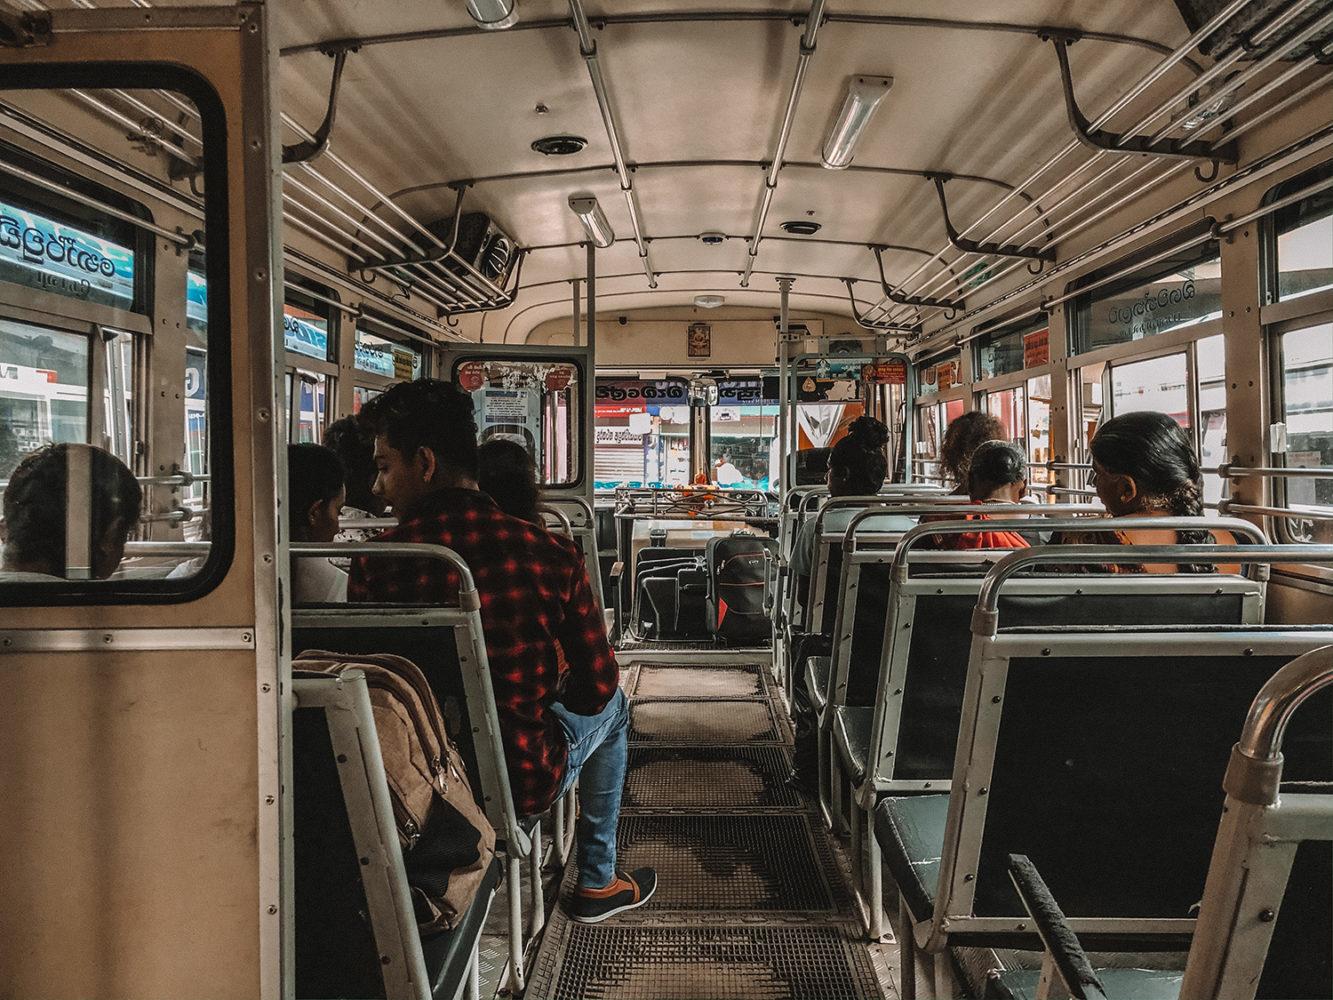 Prenons place à l'intérieur du bus